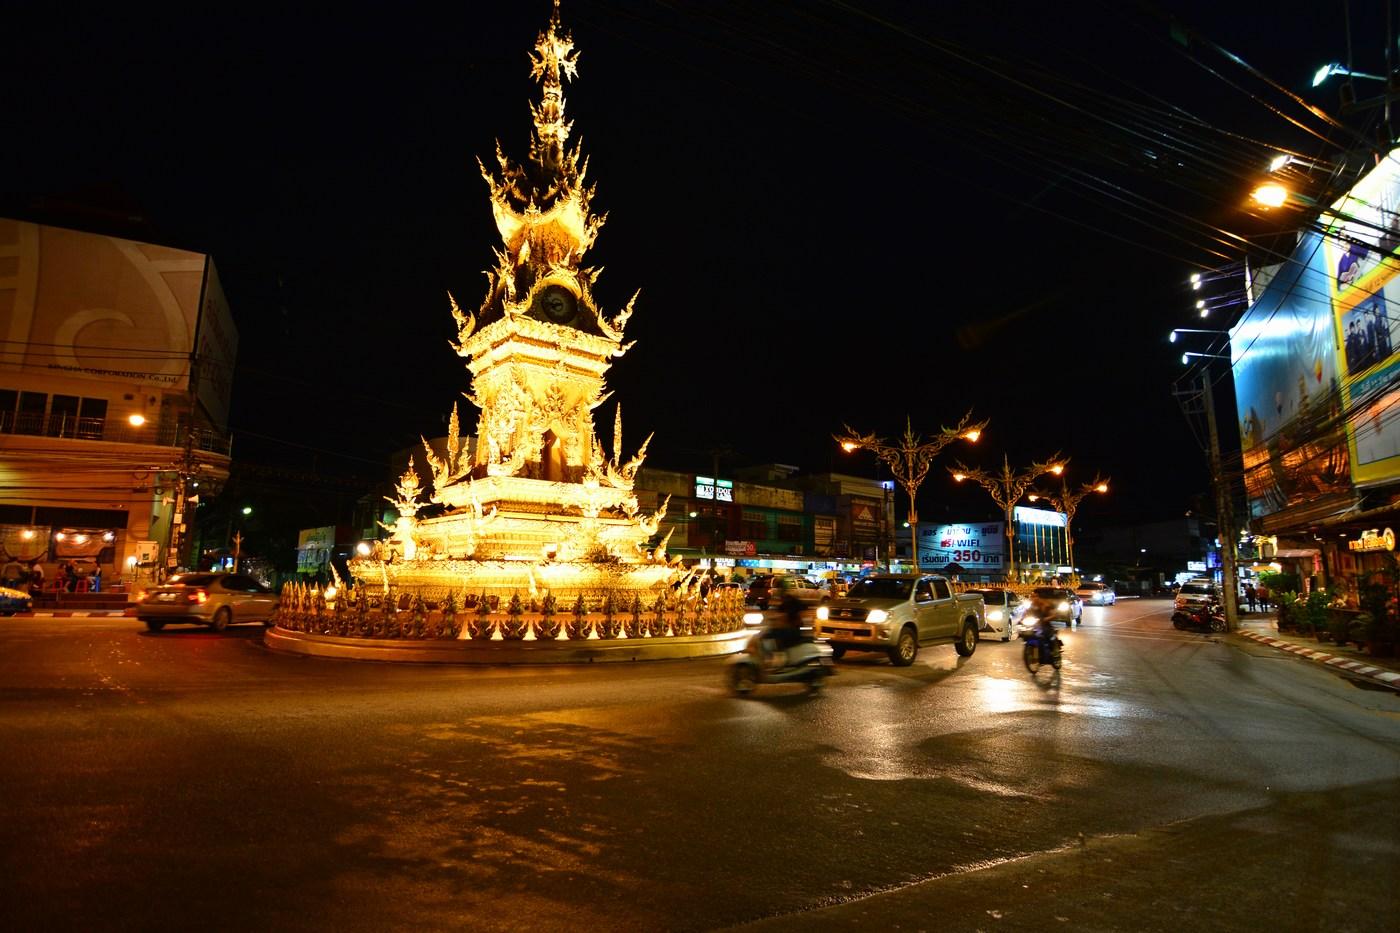 Inaugurée en 2008, l'exubérante tour de l'horloge est vite devenue un des symboles de la ville. On la doit à Chalermchai, le même artiste qui réalisa le Temple Blanc dont on reparlera plus tard.